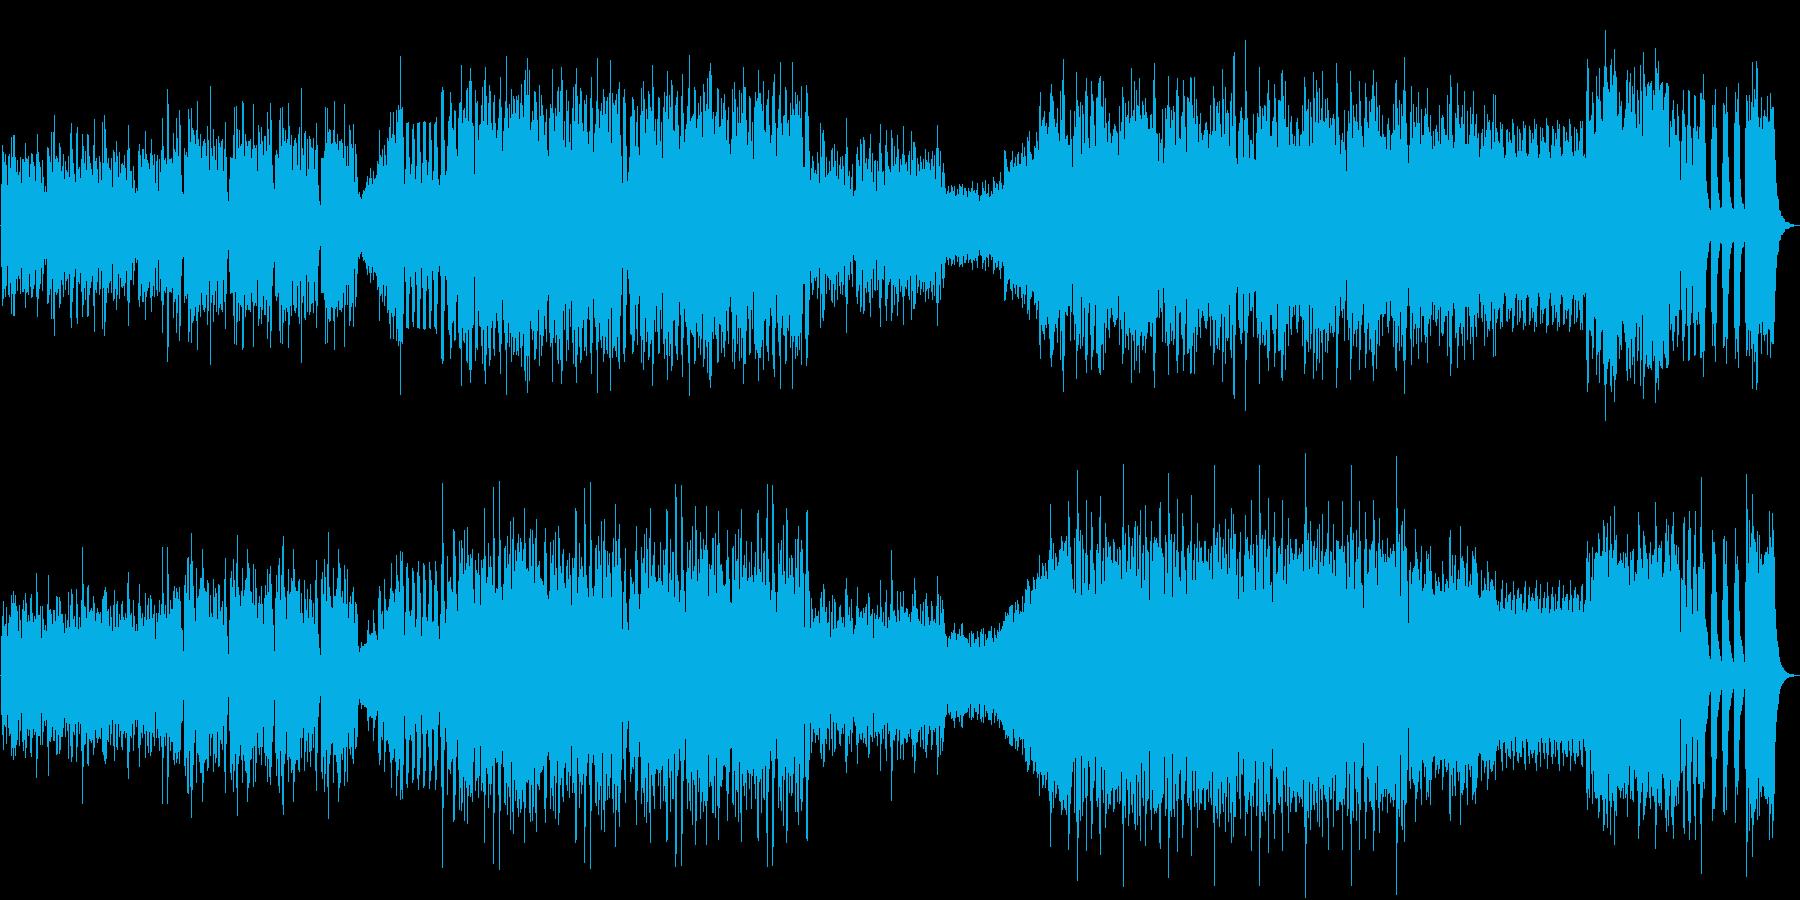 運動会の曲「天国と地獄」(序奏なし)の再生済みの波形